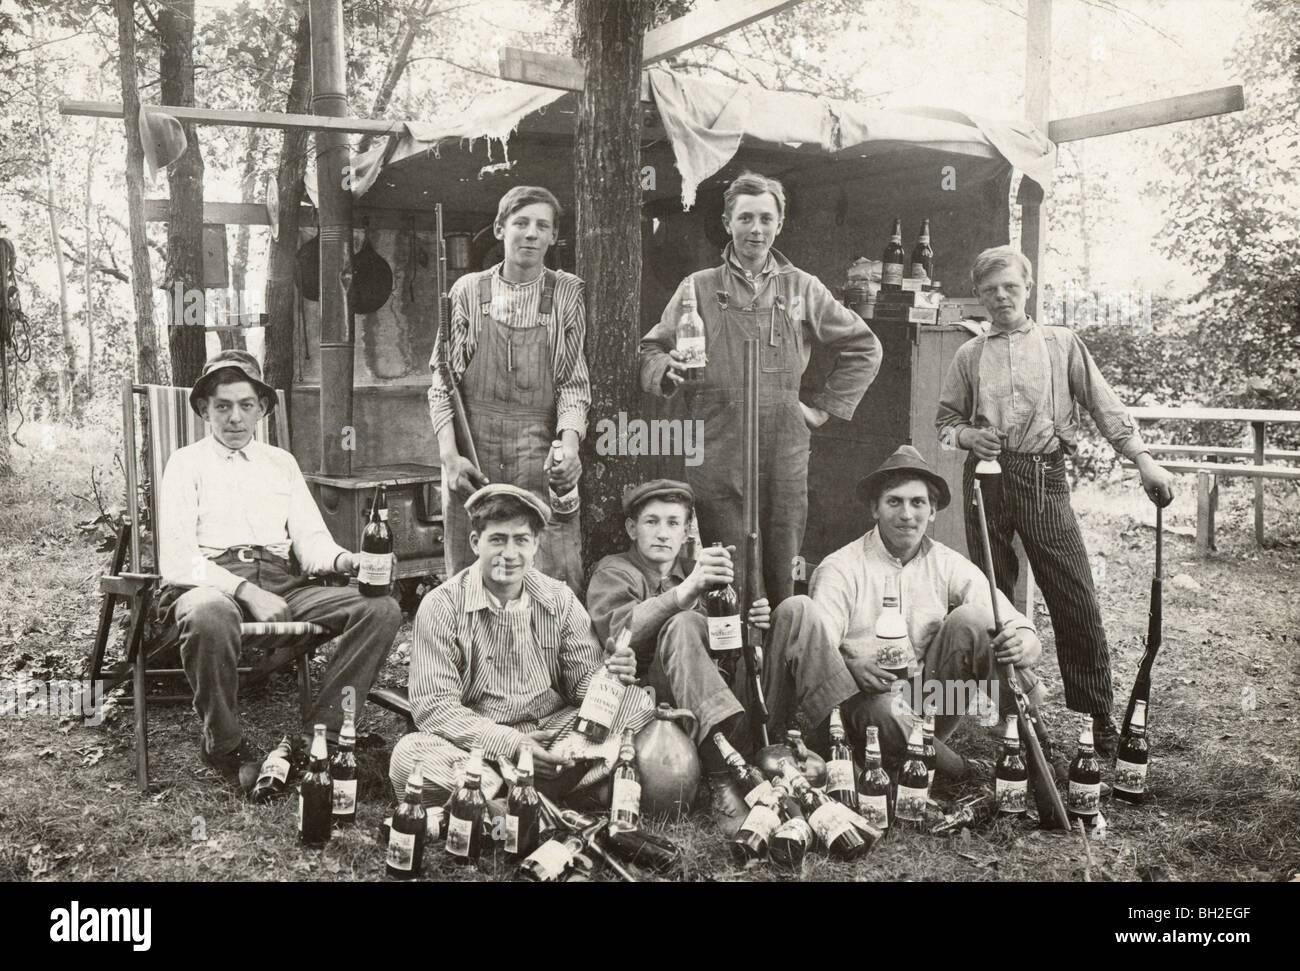 Sette ragazzi armati circondato da decine di bottiglie di liquore Immagini Stock